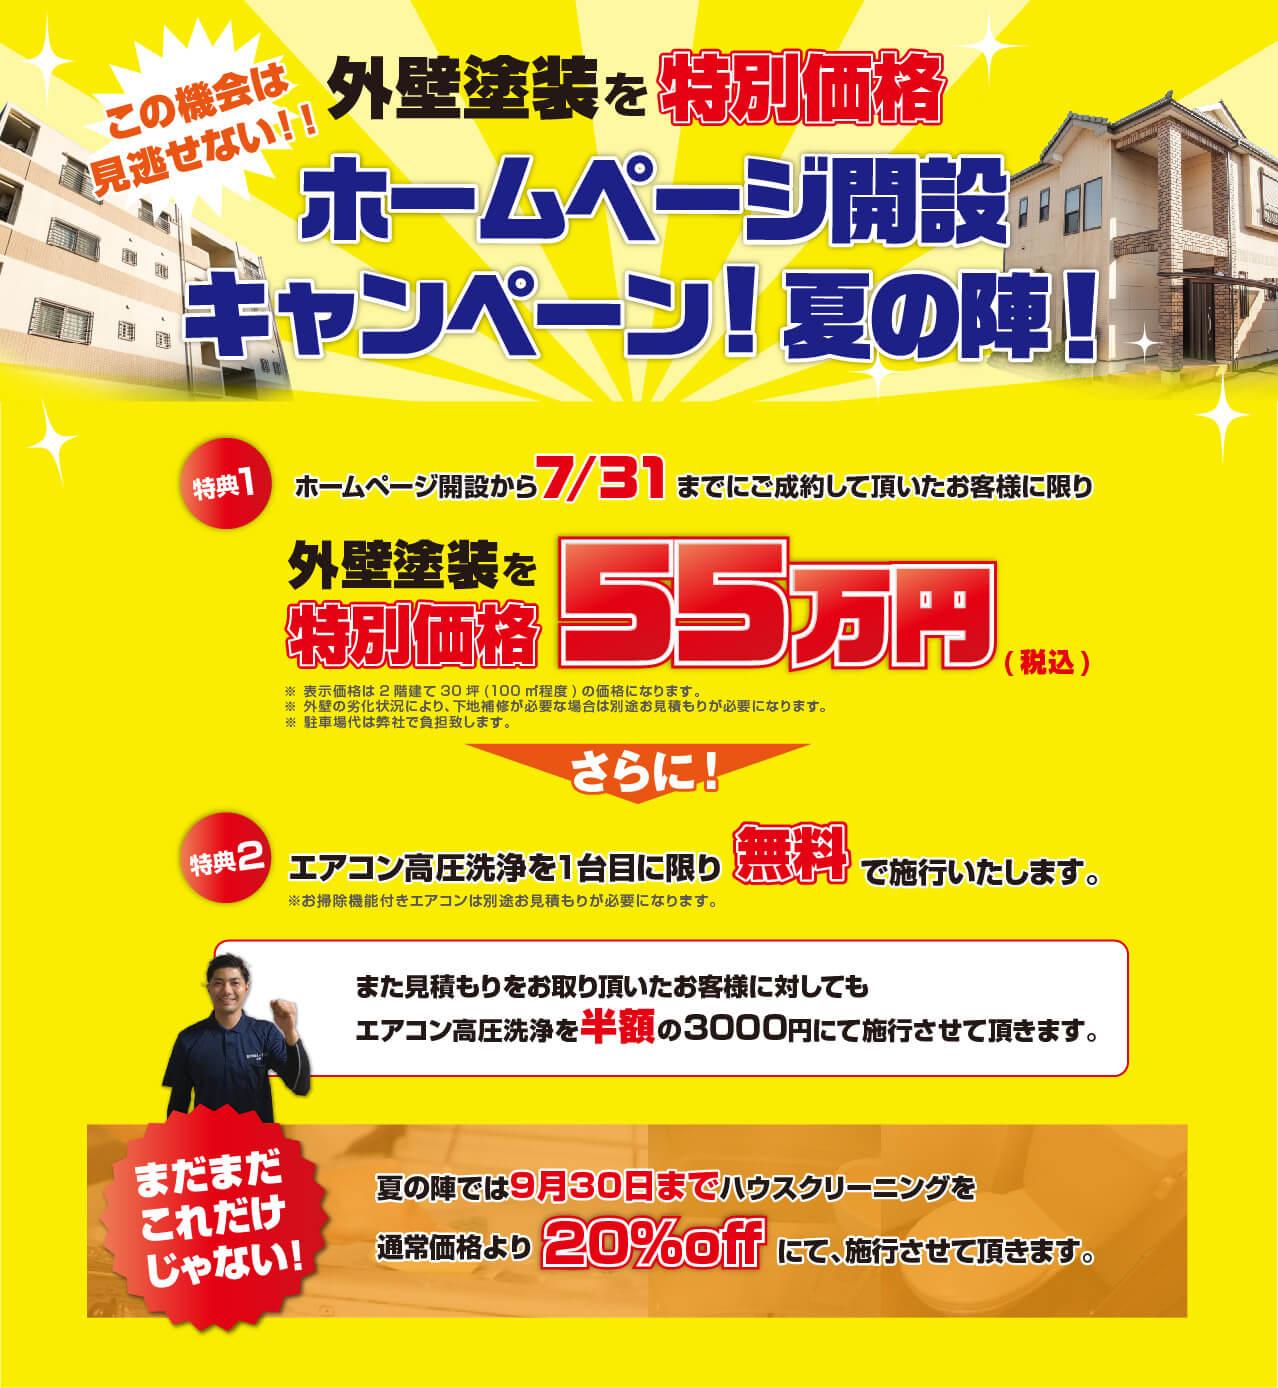 鹿児島総合メンテナンスのお得なキャンペーン